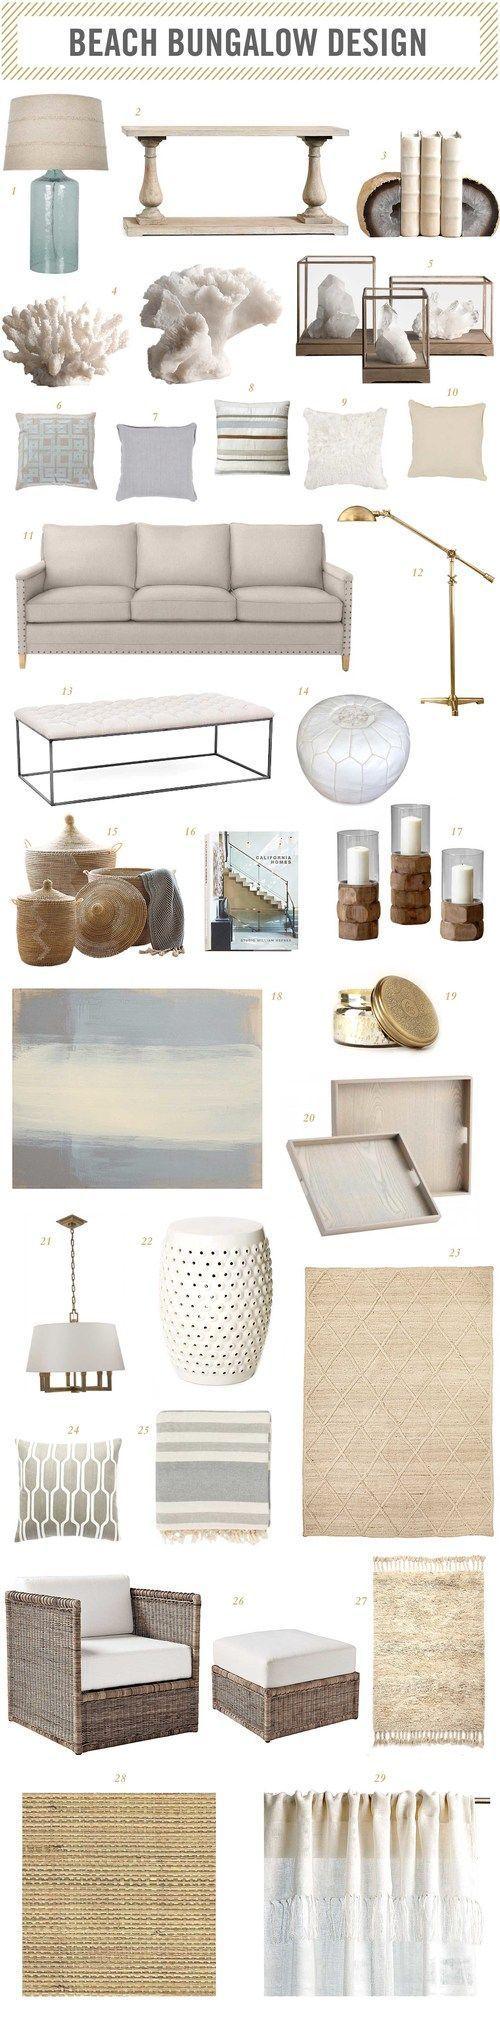 | beach bungalow room design |                                                                                                                                                                                 More